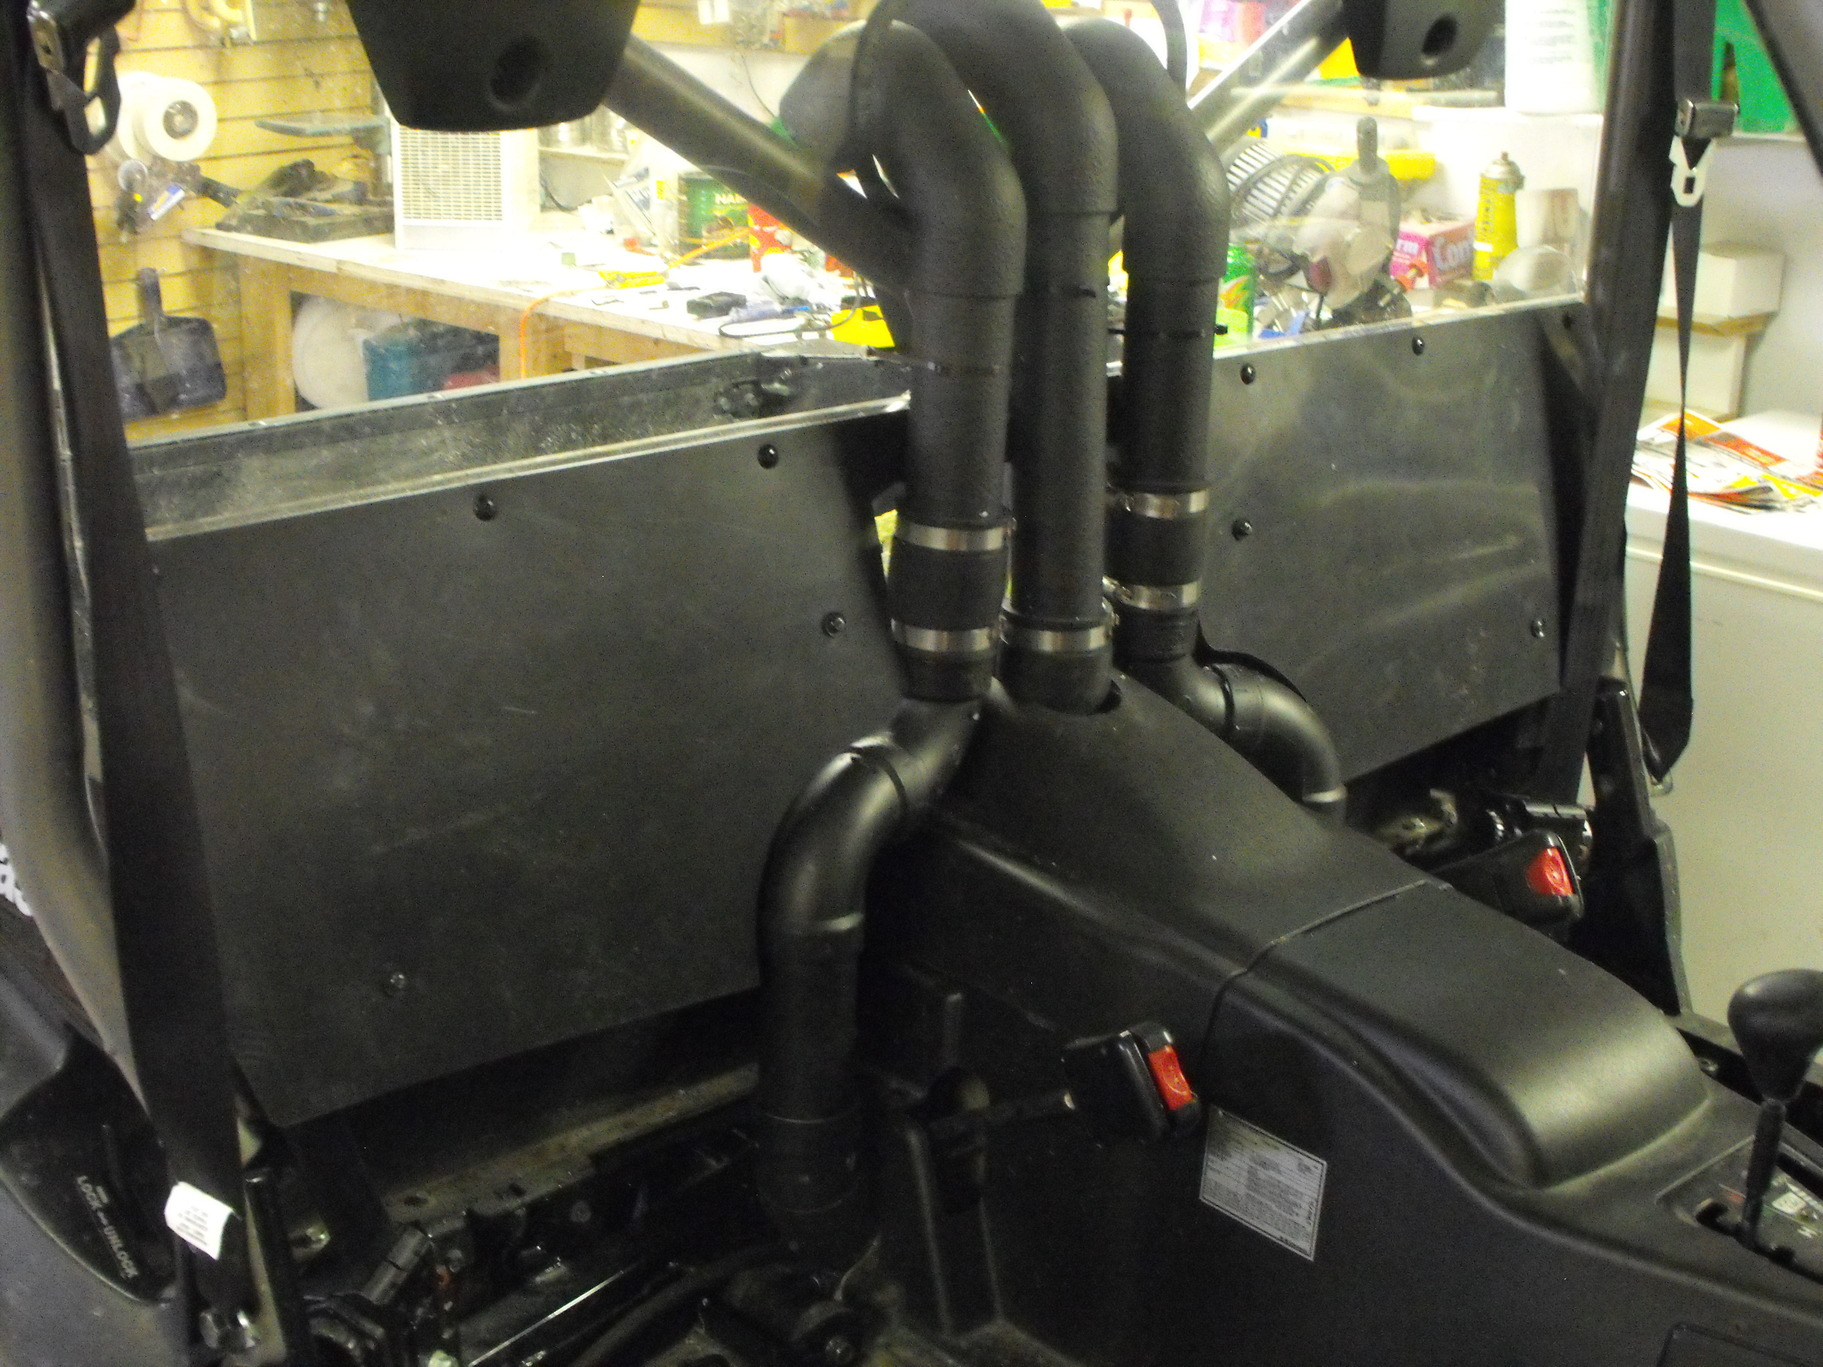 mud industries snorkel install. - kawasaki teryx forums: kawasaki